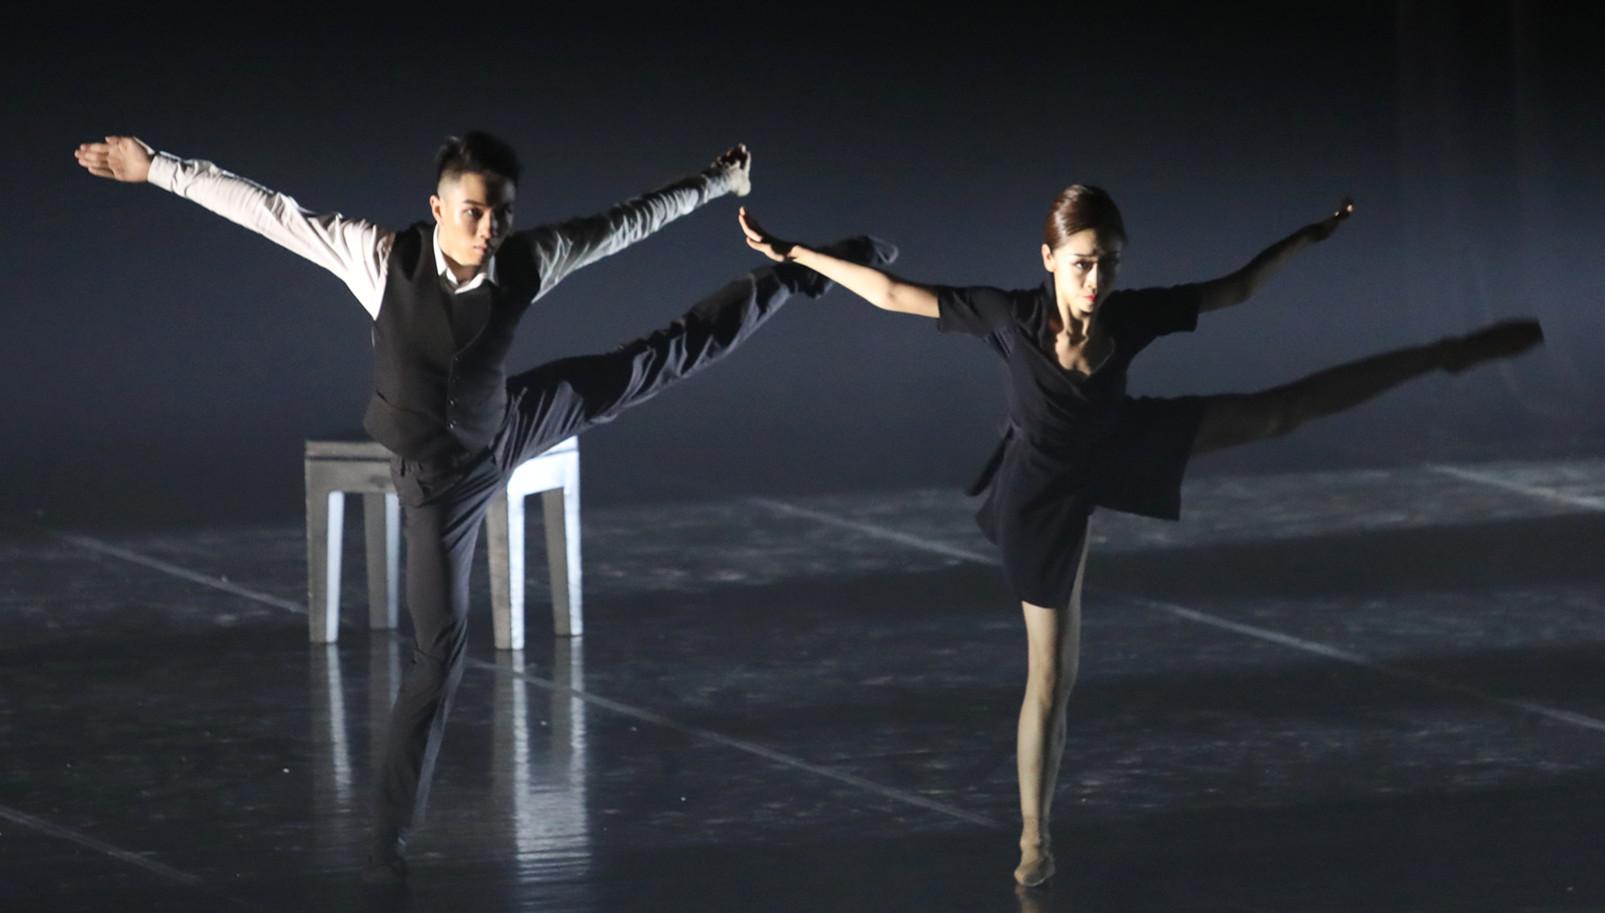 上海芭蕾舞团《不存在的故事》_副本.jpg